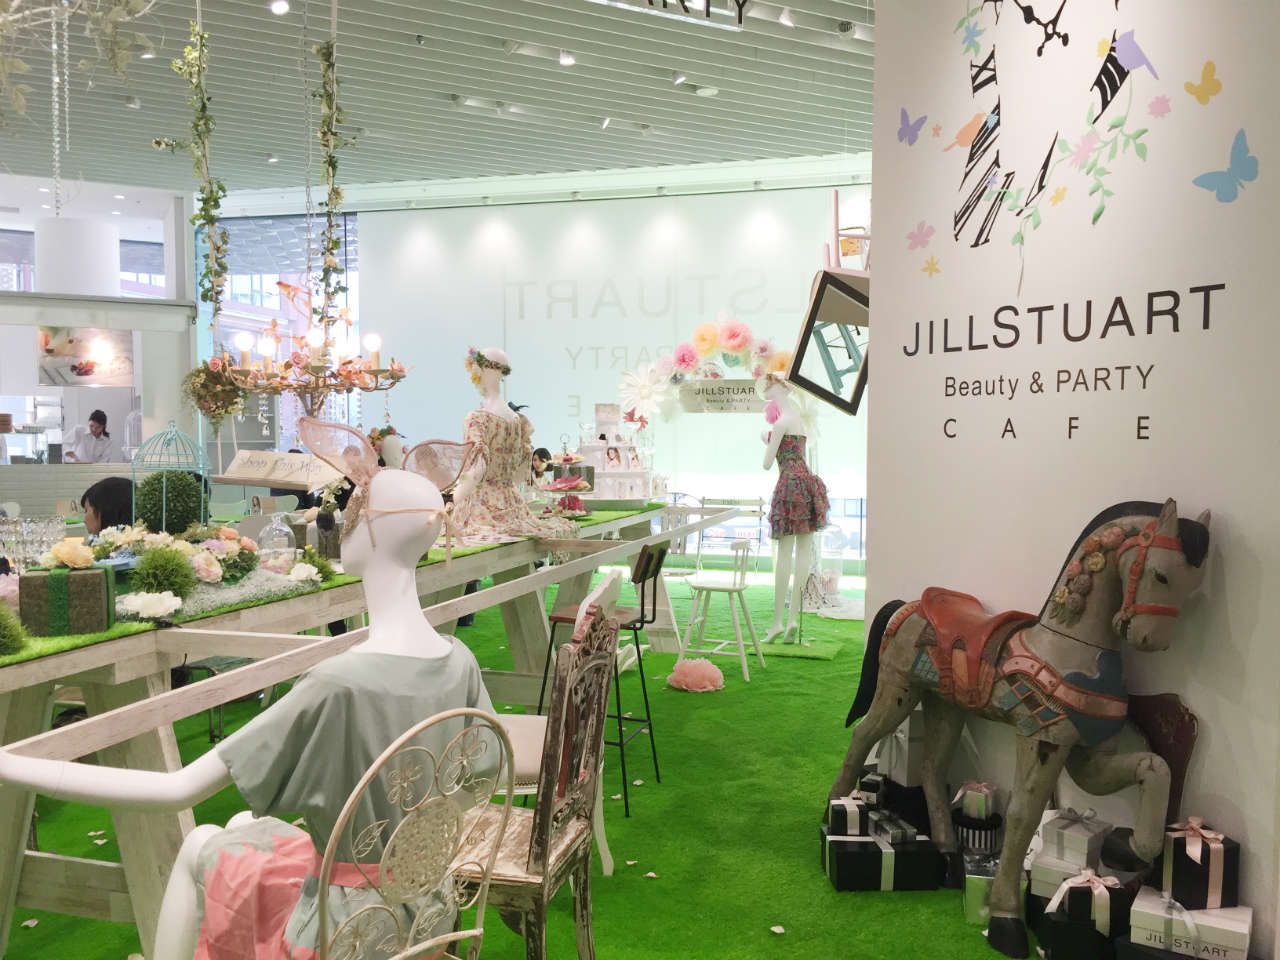 jillstuart-cafe-1